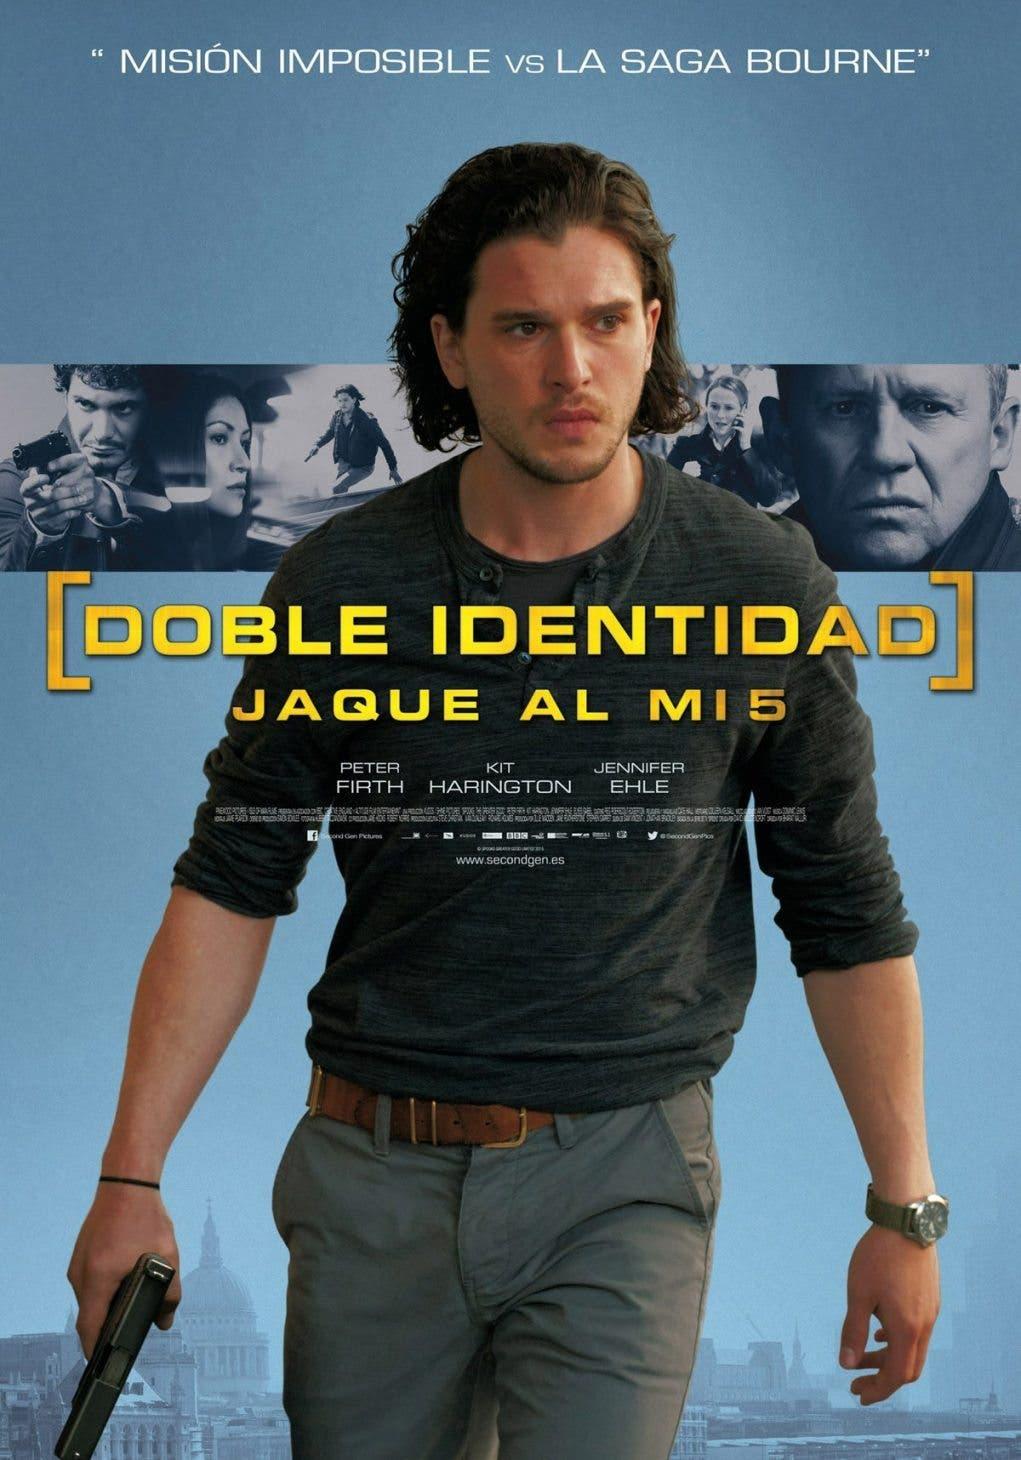 cartel Doble Identidad Jaque al MI